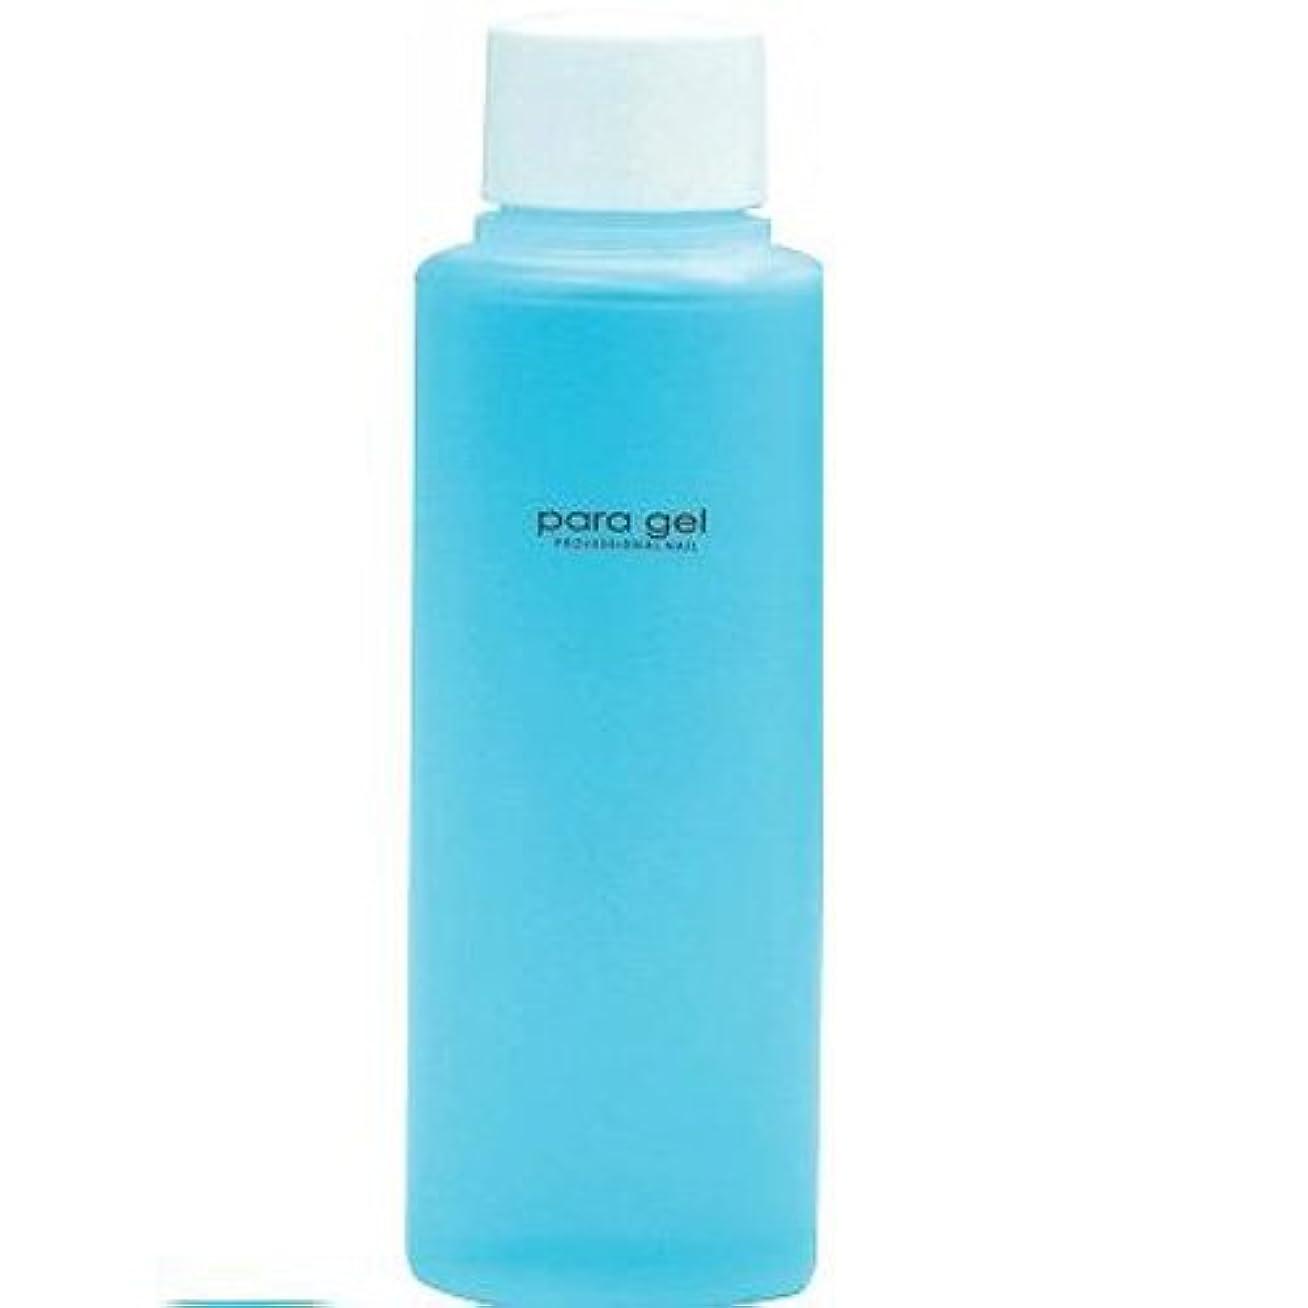 薬局いじめっ子吸収剤パラジェル(para gel) パラプレップ 120ml